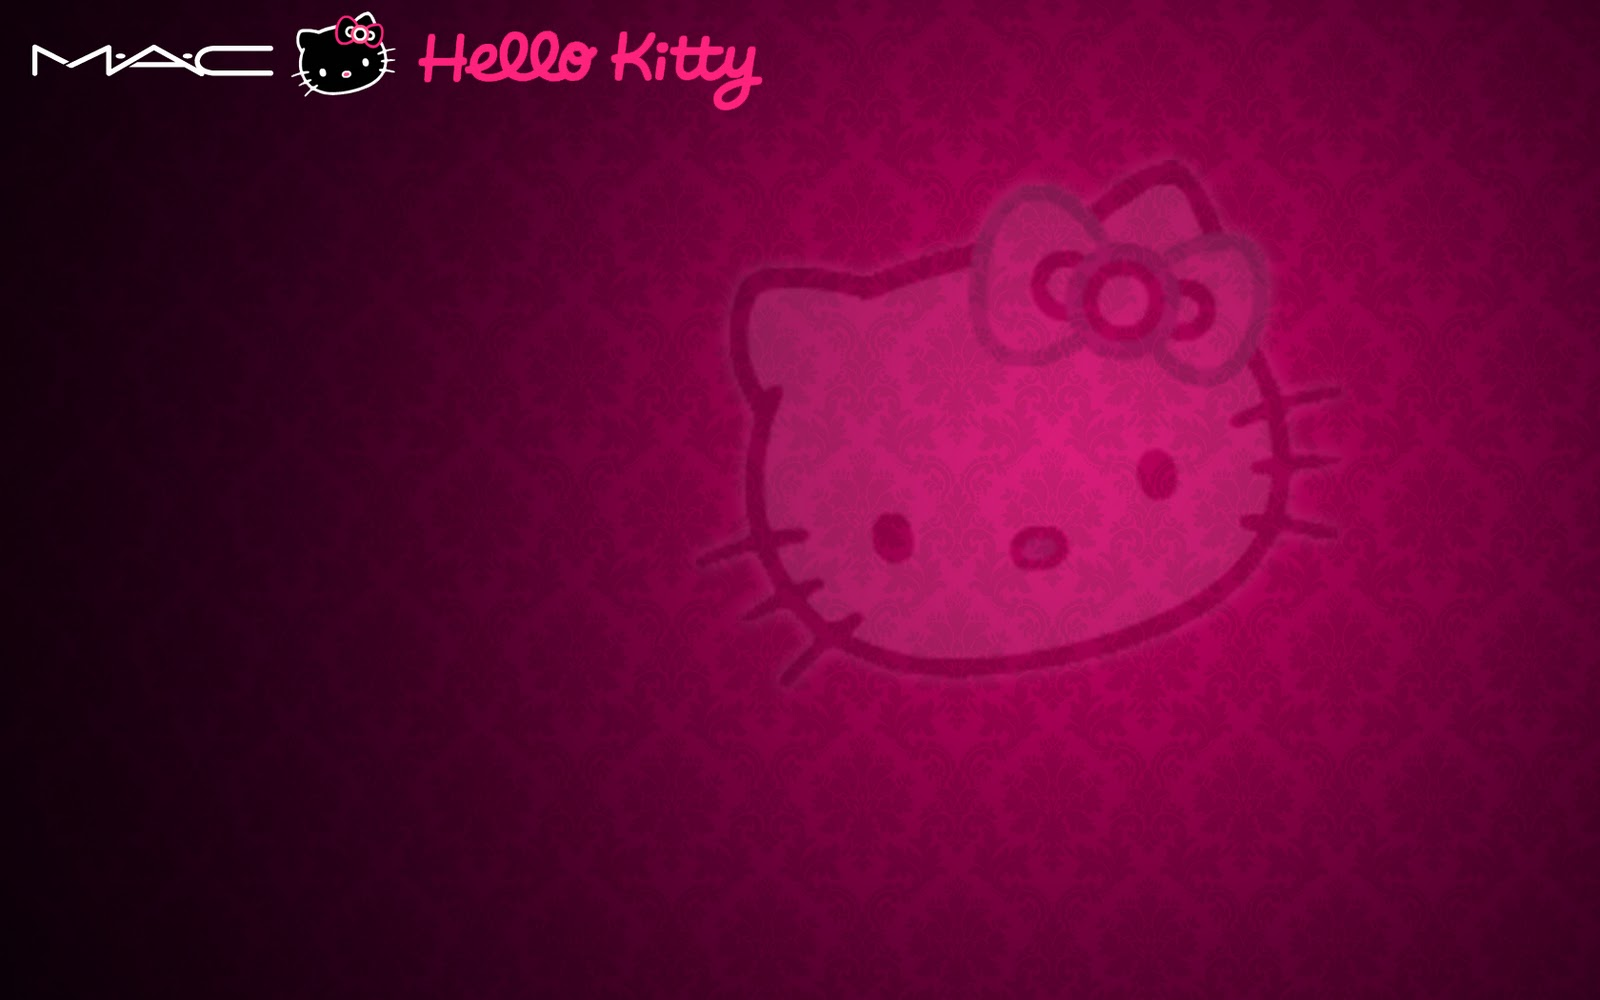 http://3.bp.blogspot.com/_EB06v25gz1A/TPz_R3a6tgI/AAAAAAAAAeY/bSnu_sdlZzY/s1600/MAC_Hello_Kitty_Wallpaper_by_angeldust.jpg